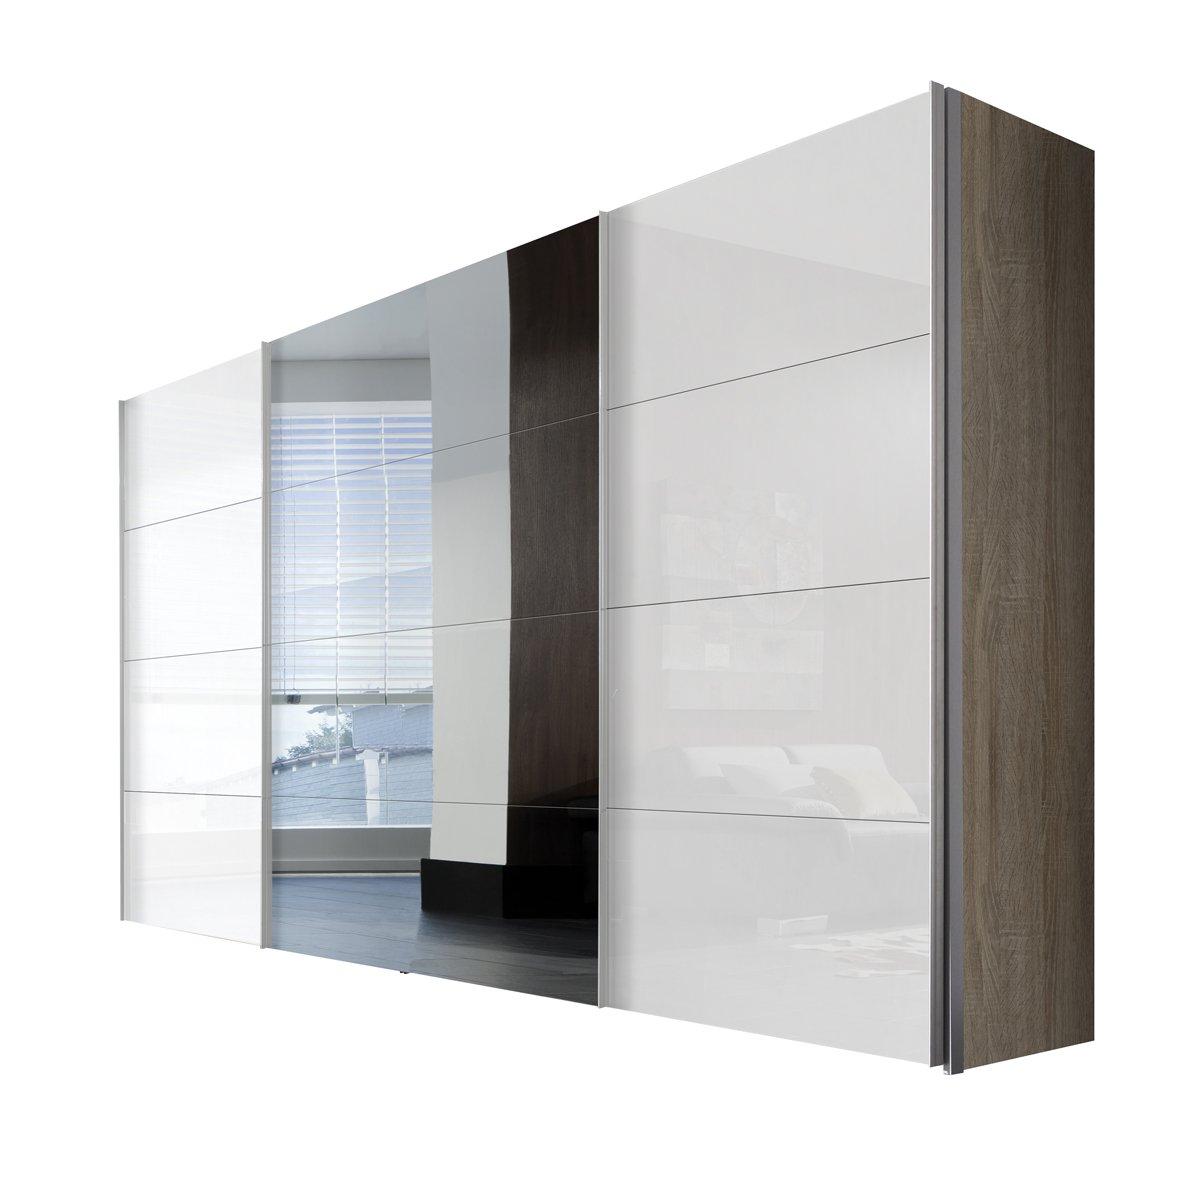 wei mit spiegel gnstig garderoben set tlg mit spiegel modena wei pinie with wei mit spiegel. Black Bedroom Furniture Sets. Home Design Ideas